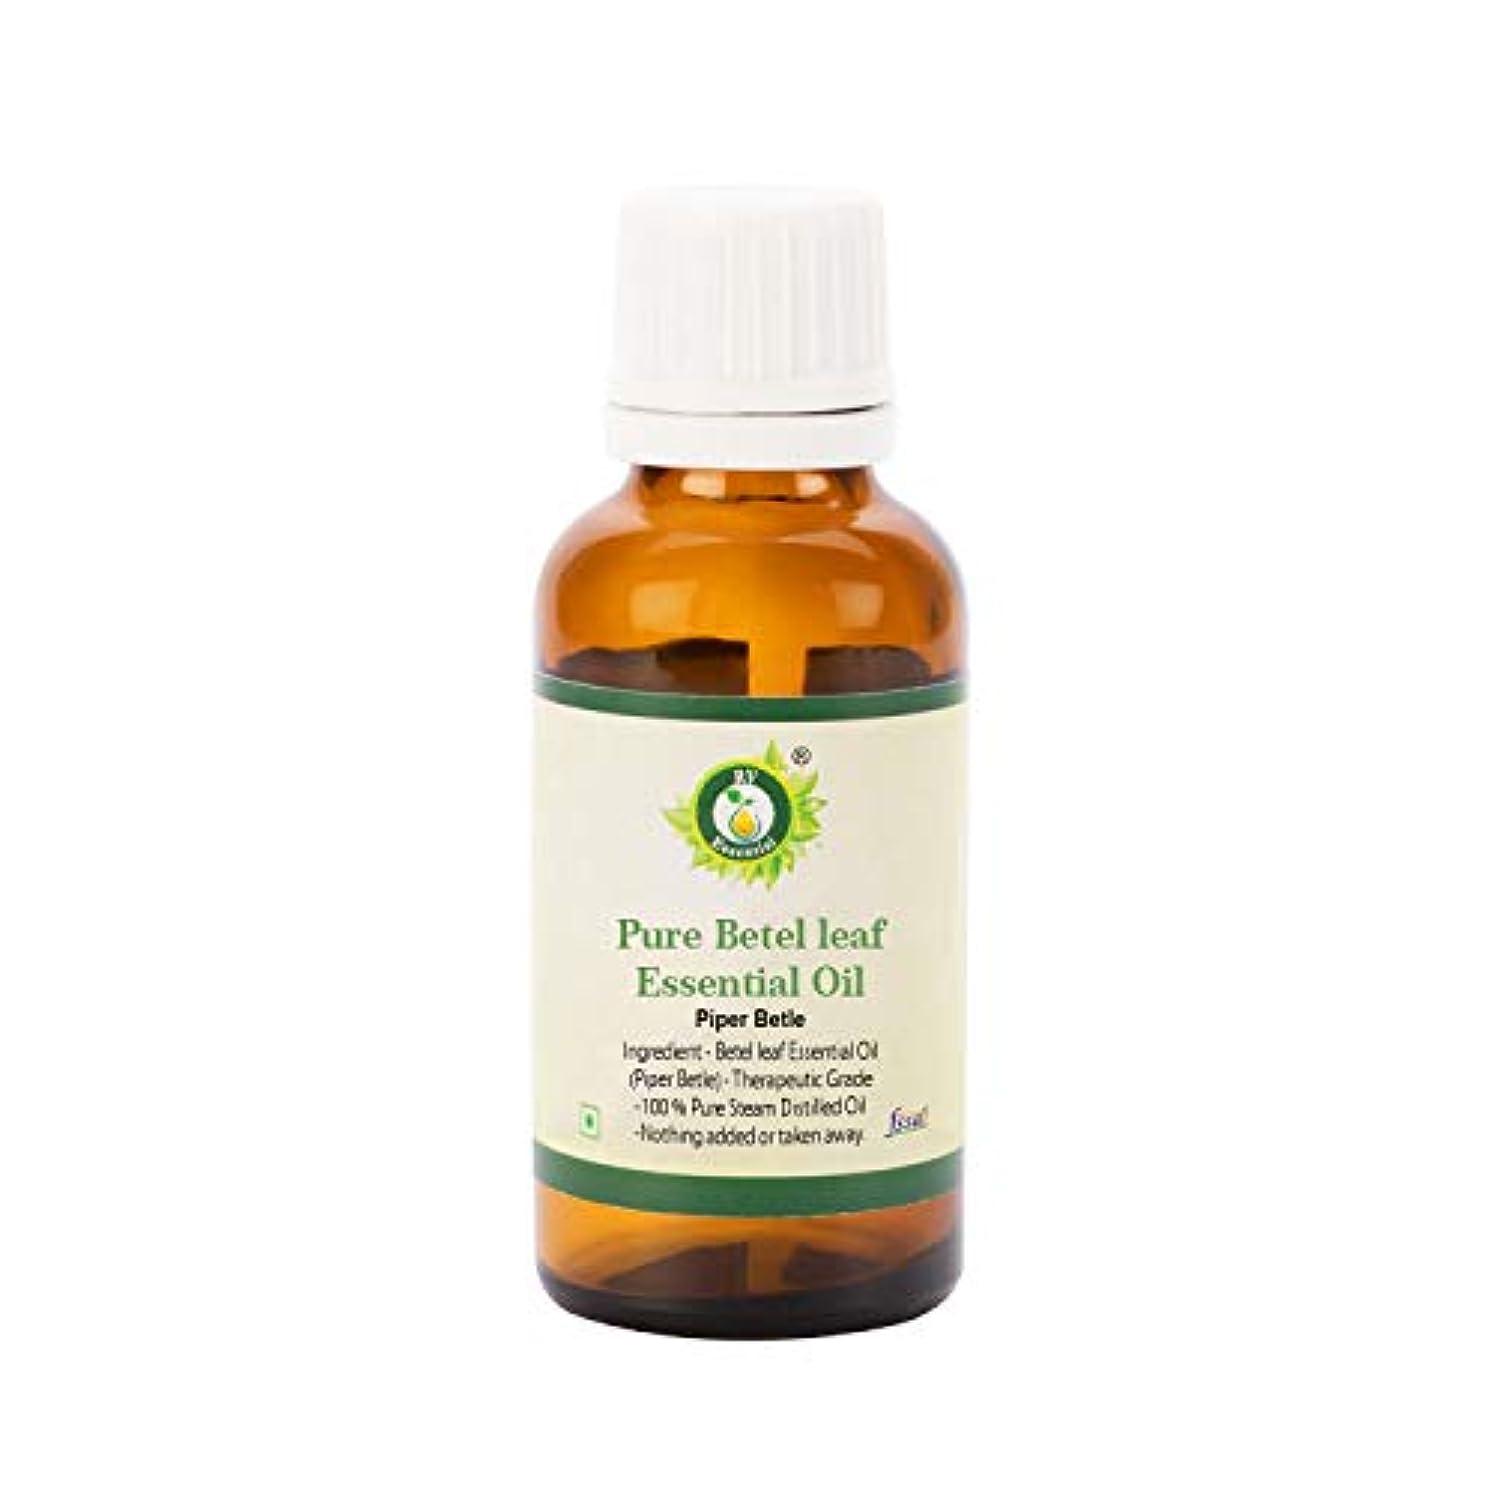 控えめな期待今までR V Essential ピュアBetel葉エッセンシャルオイル15ml (0.507oz)- Piper Betle (100%純粋&天然スチームDistilled) Pure Betel leaf Essential...